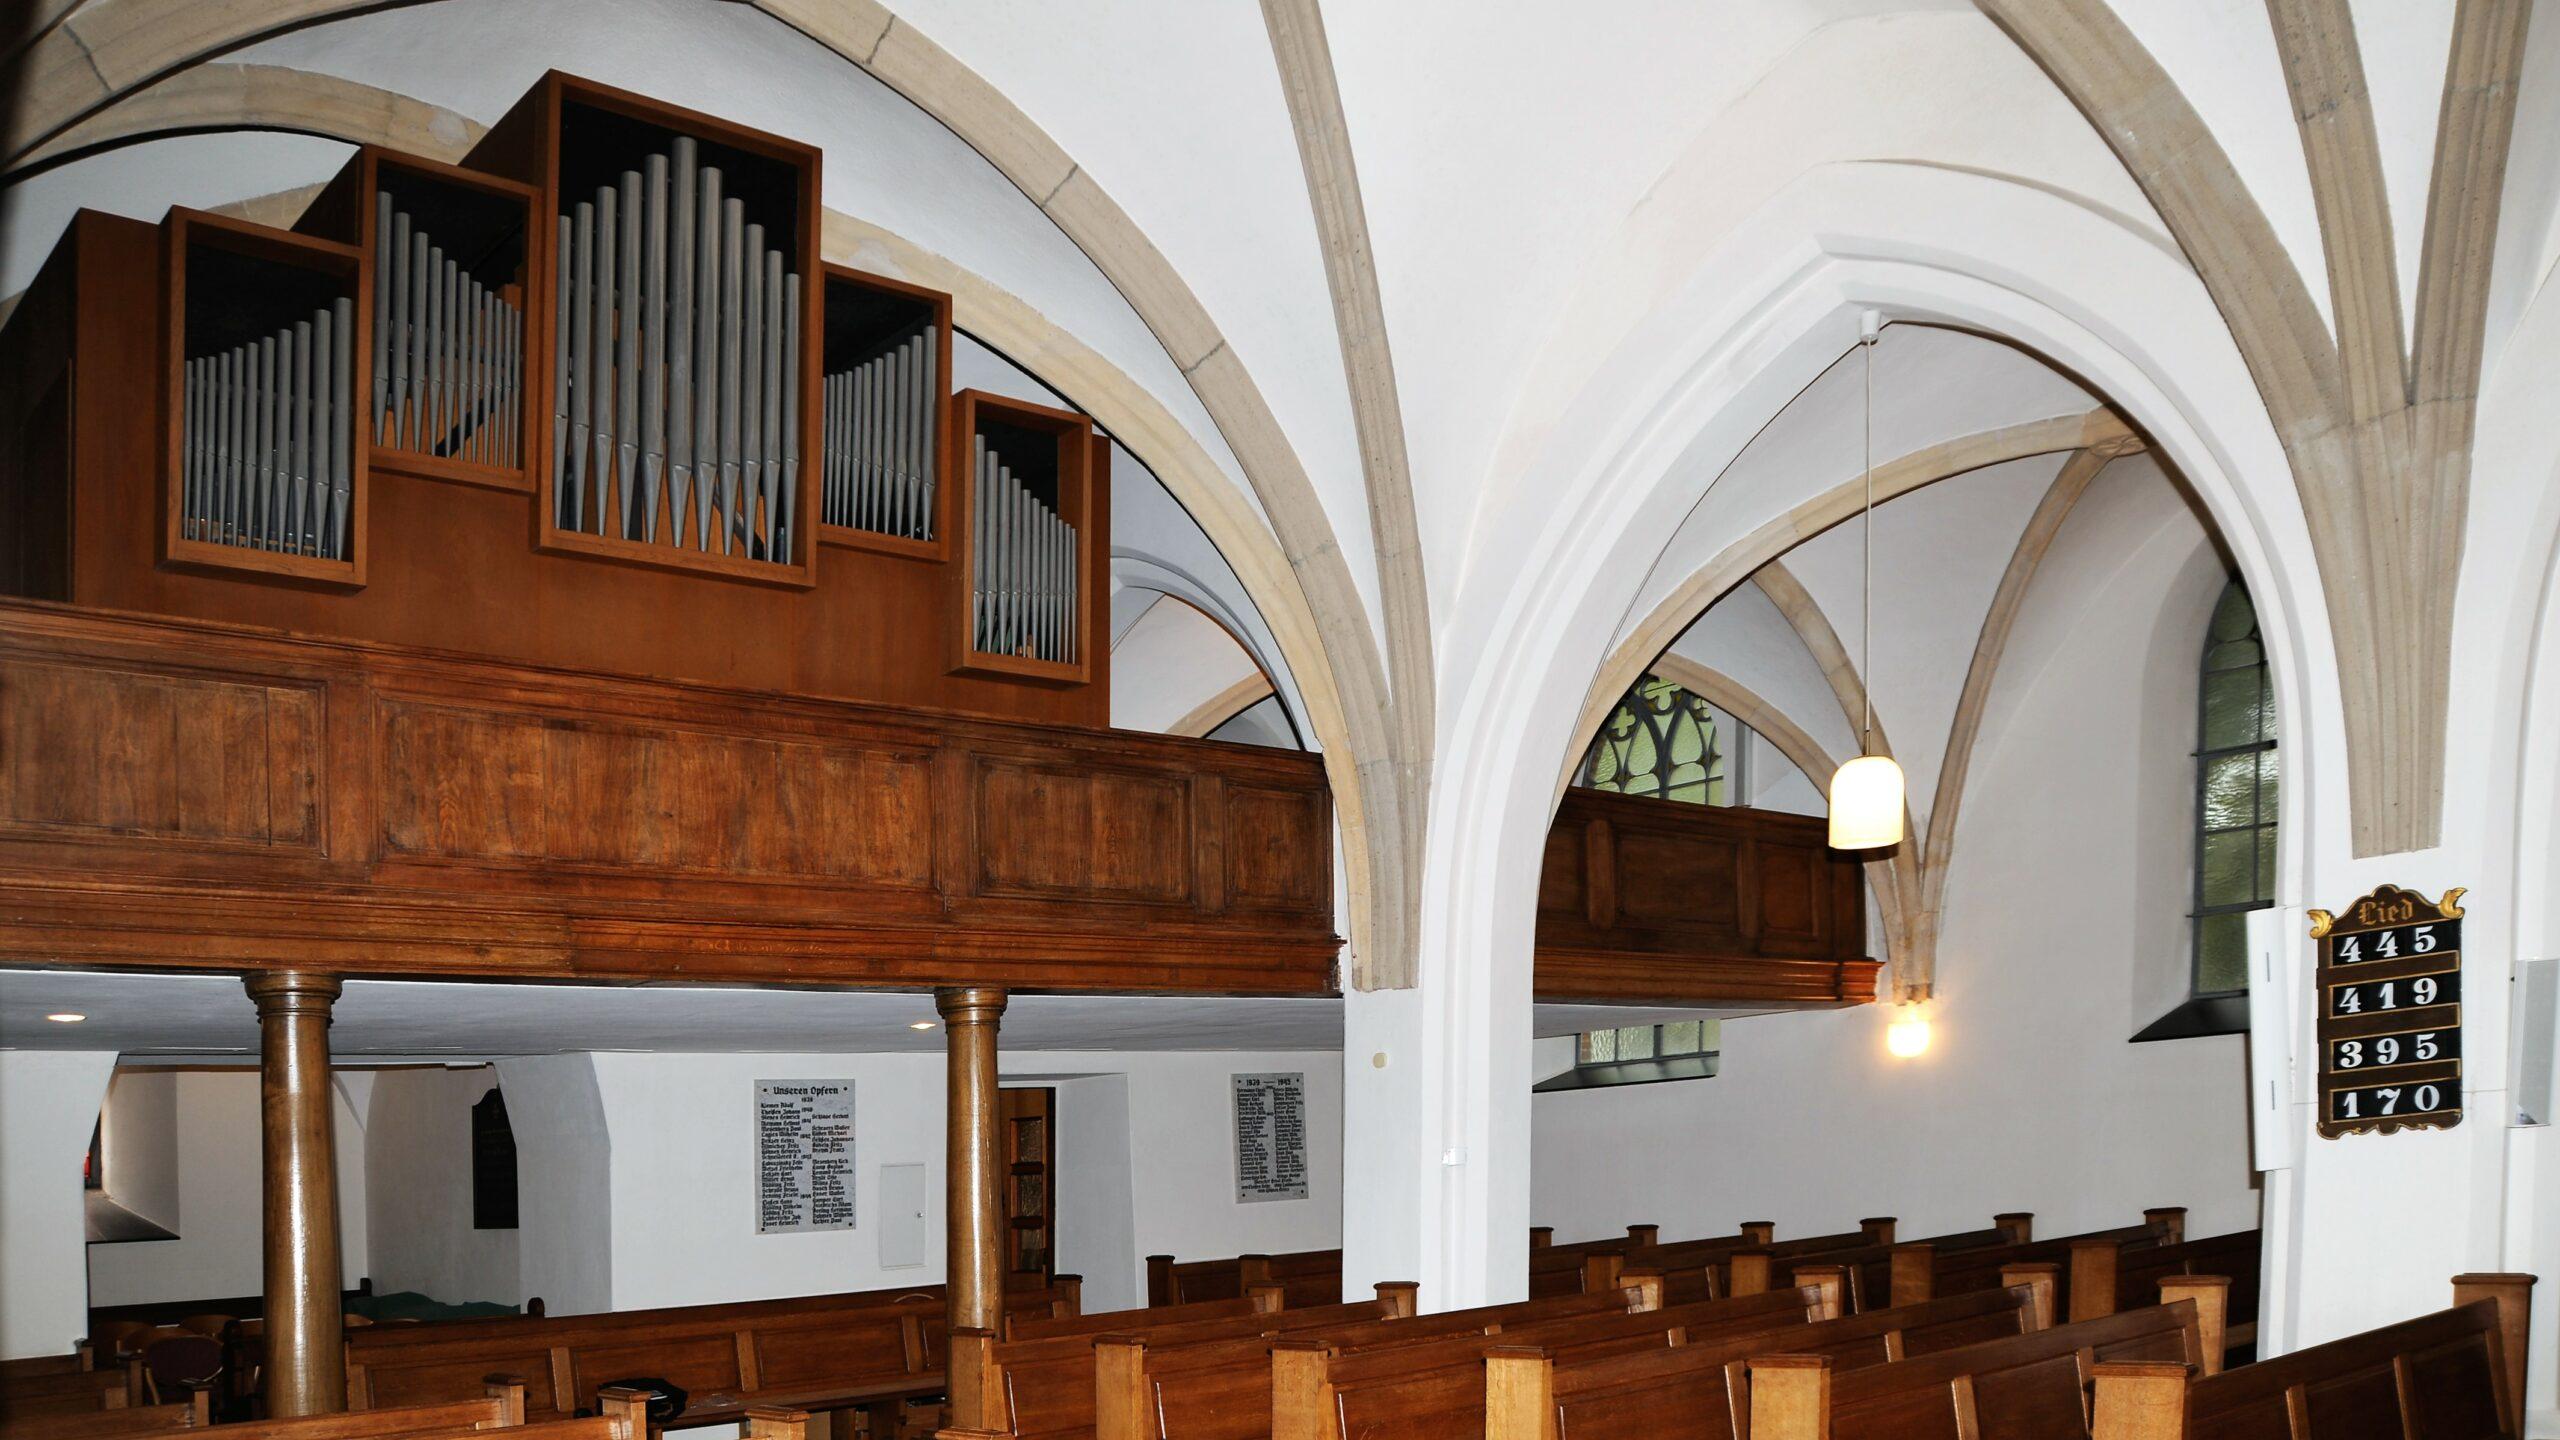 15-Orgel-Empor-von-vorn-Manual-ist-rechts-noch-im-inneren-Bogen_k1